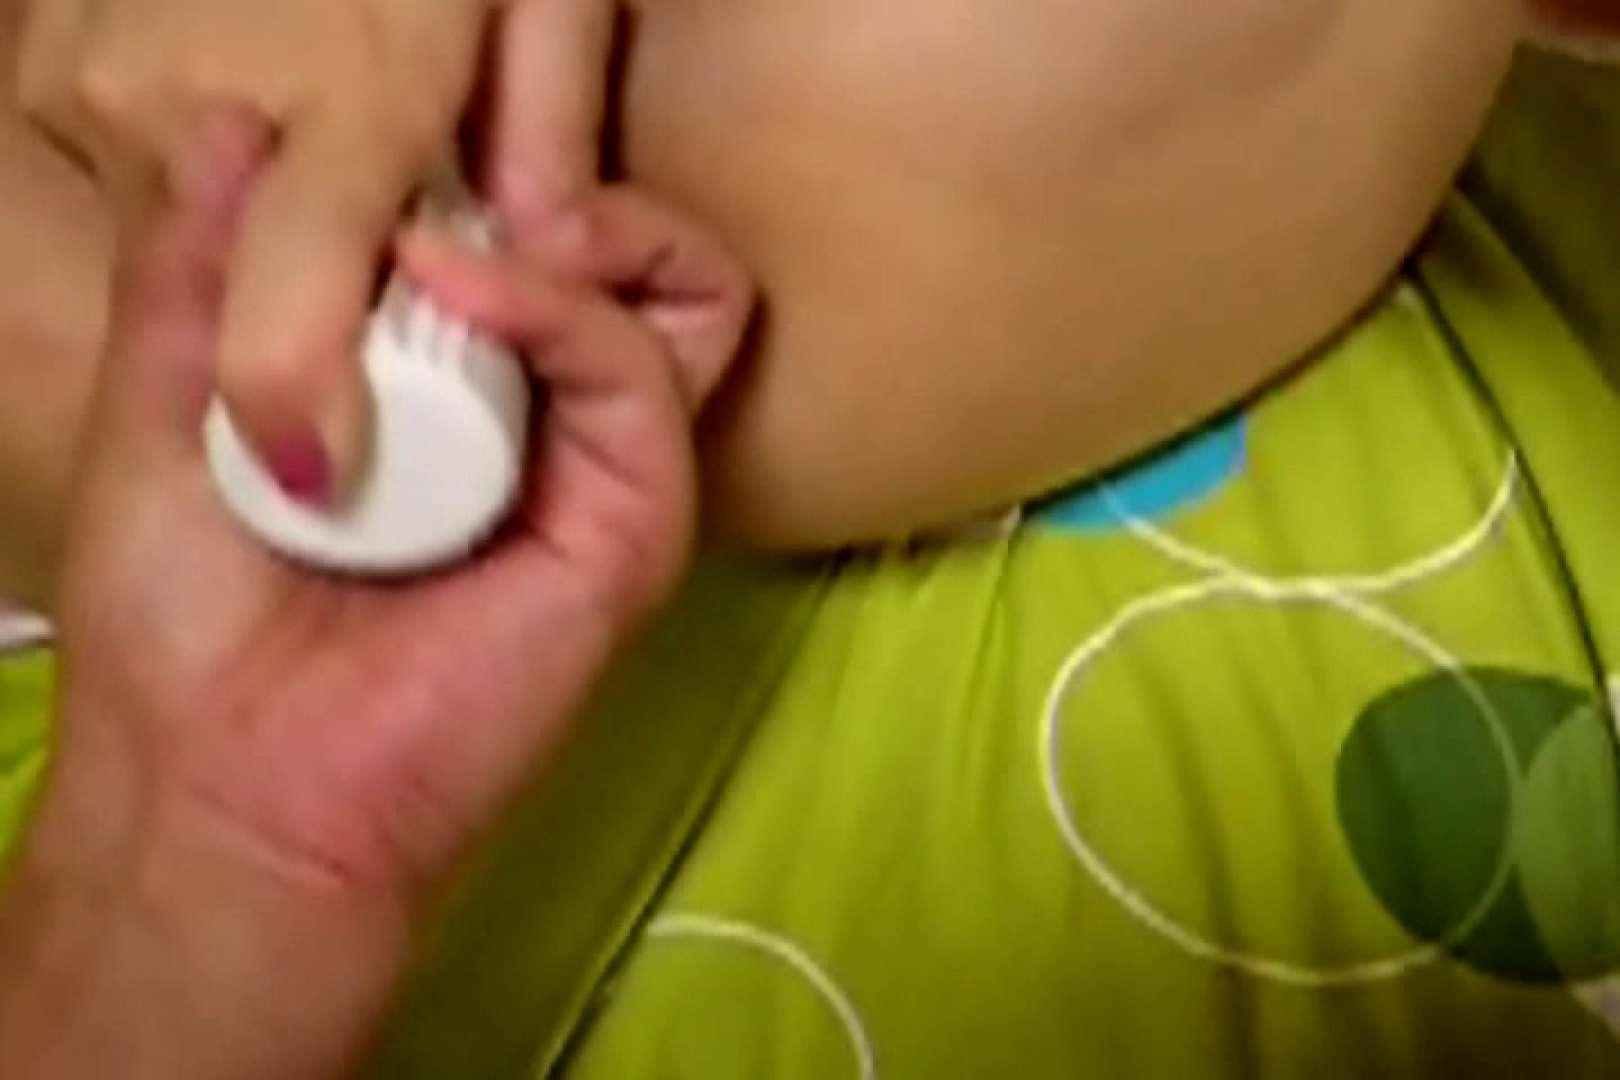 ウイルス流出 スクラムハット社長のアルバム バイブで!   ギャル達のオマンコ  101画像 101